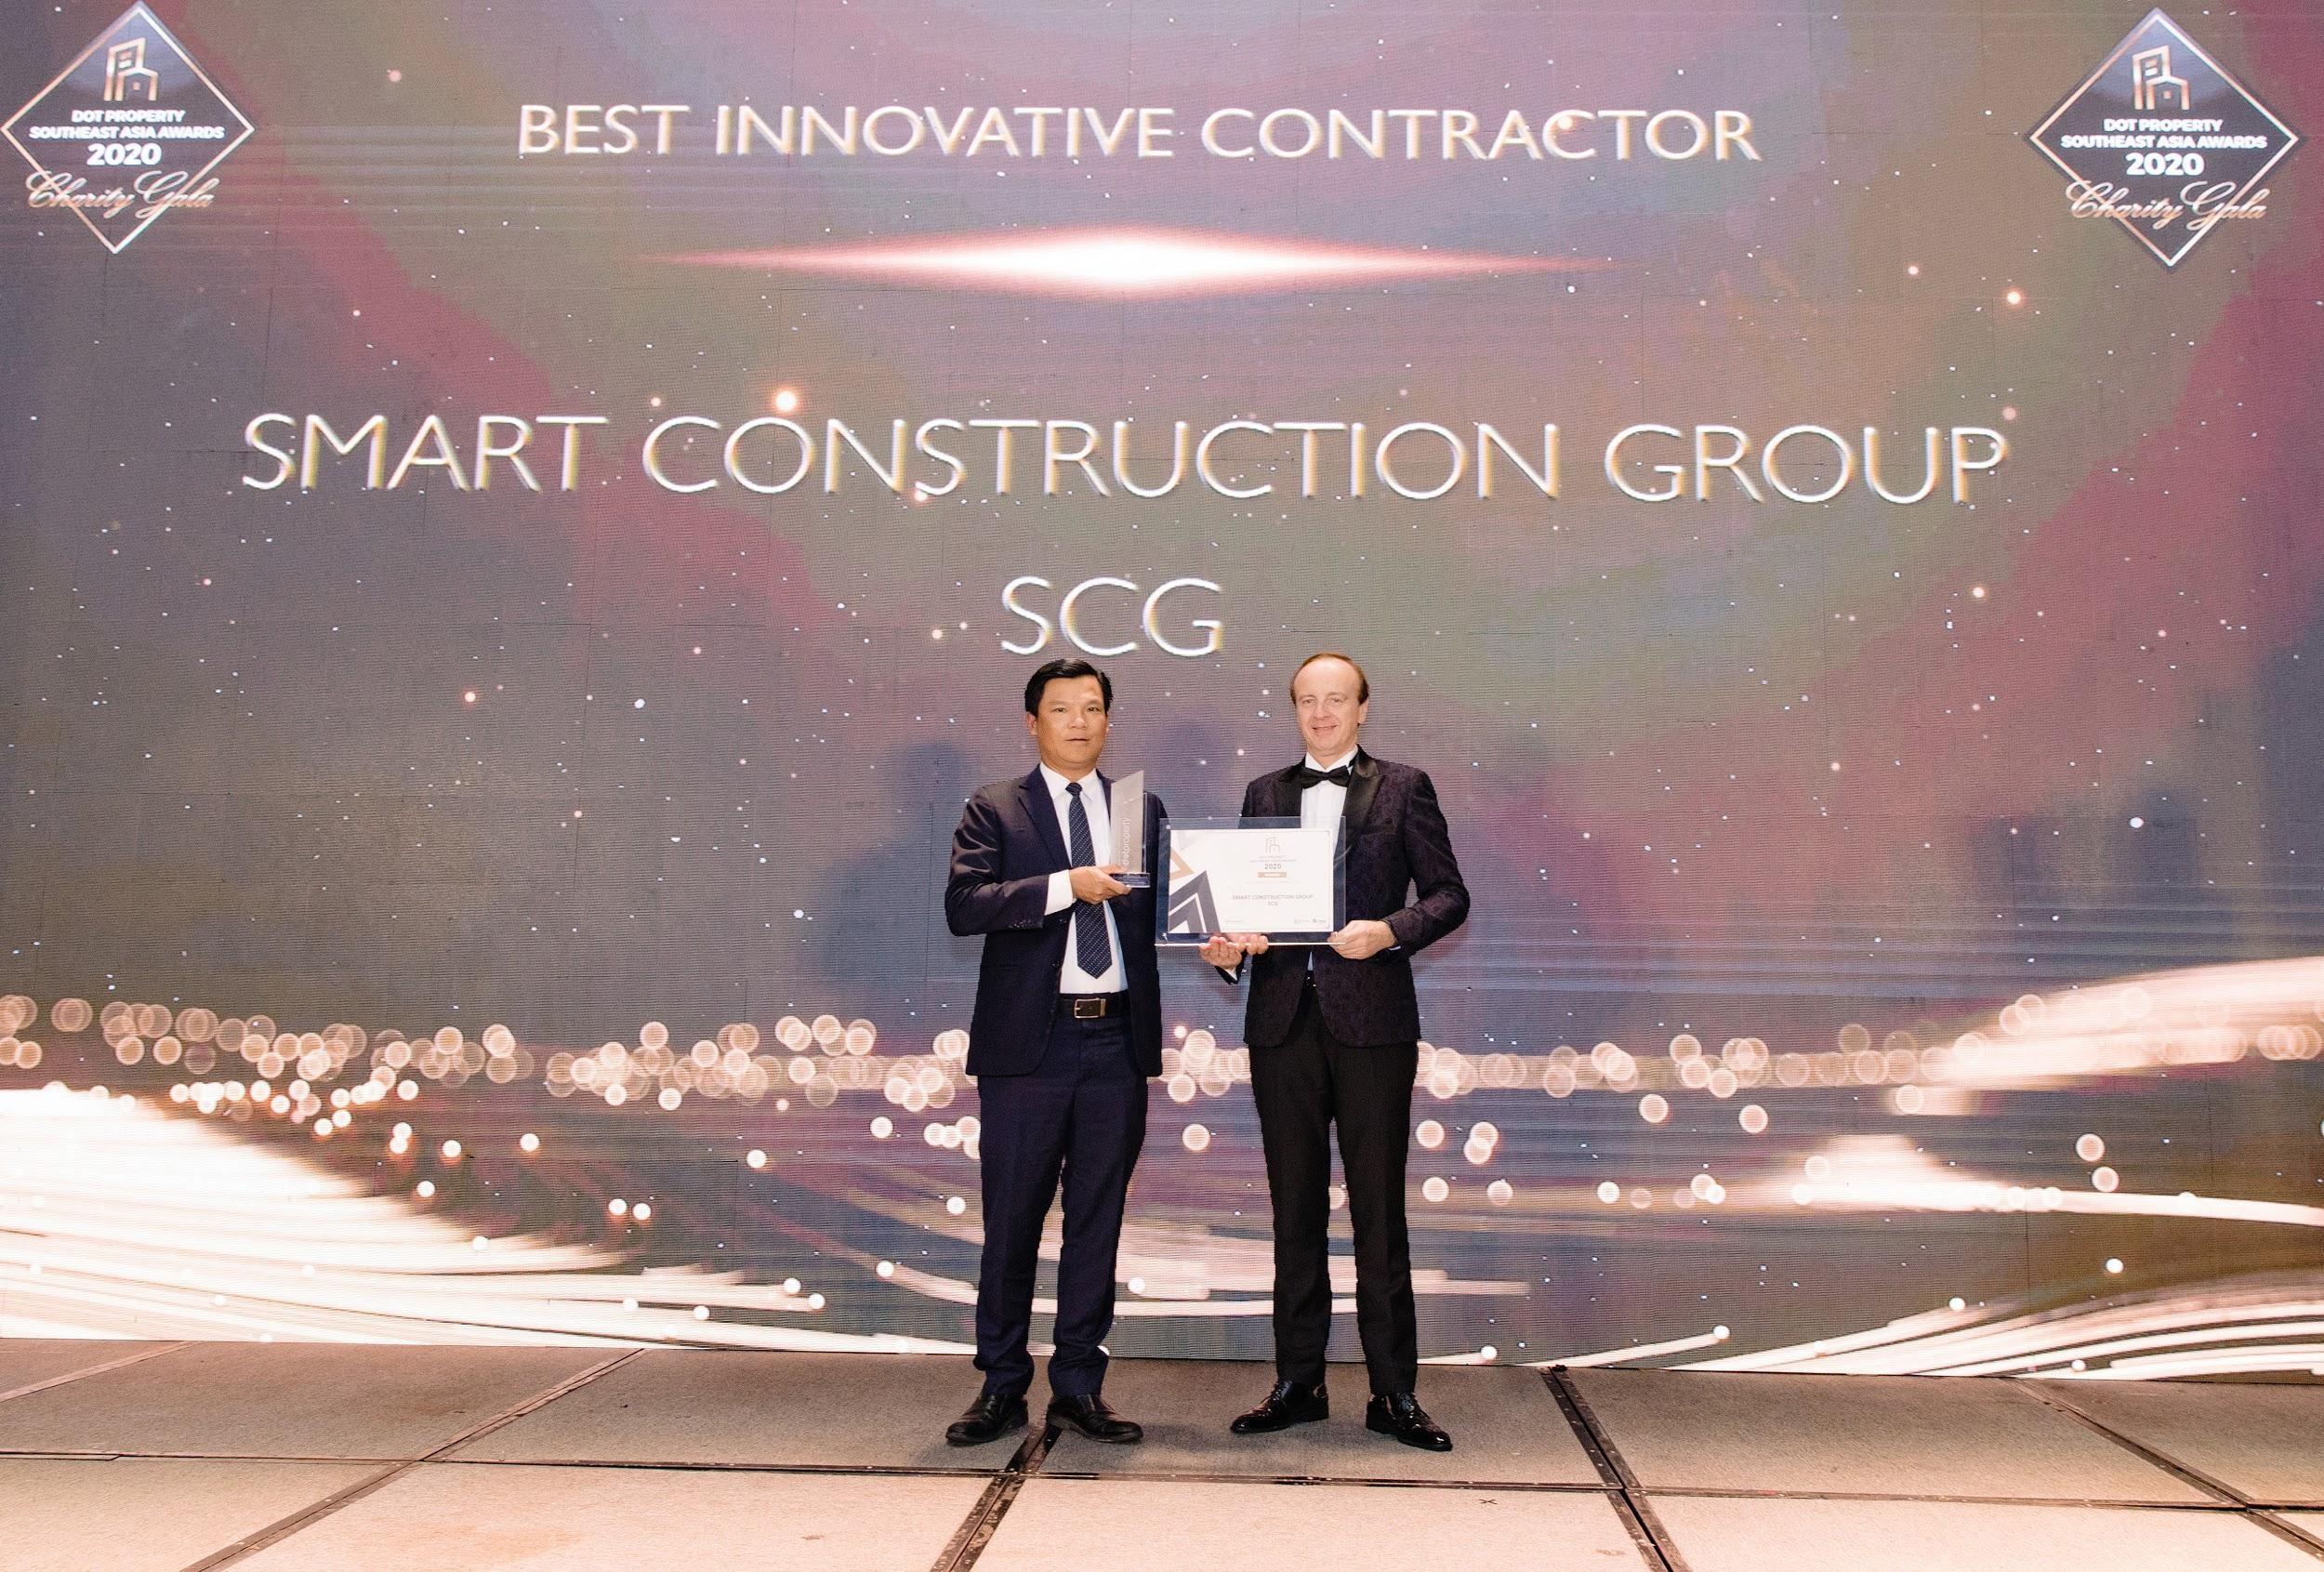 Công ty Cổ phần xây dựng SCG (Smart Construction Group) nhận giải thưởng Best Innovative Contractor Southeast Asia 2020 - Nhà thầu xây dựng đột phá nhất Đông Nam Á 2020